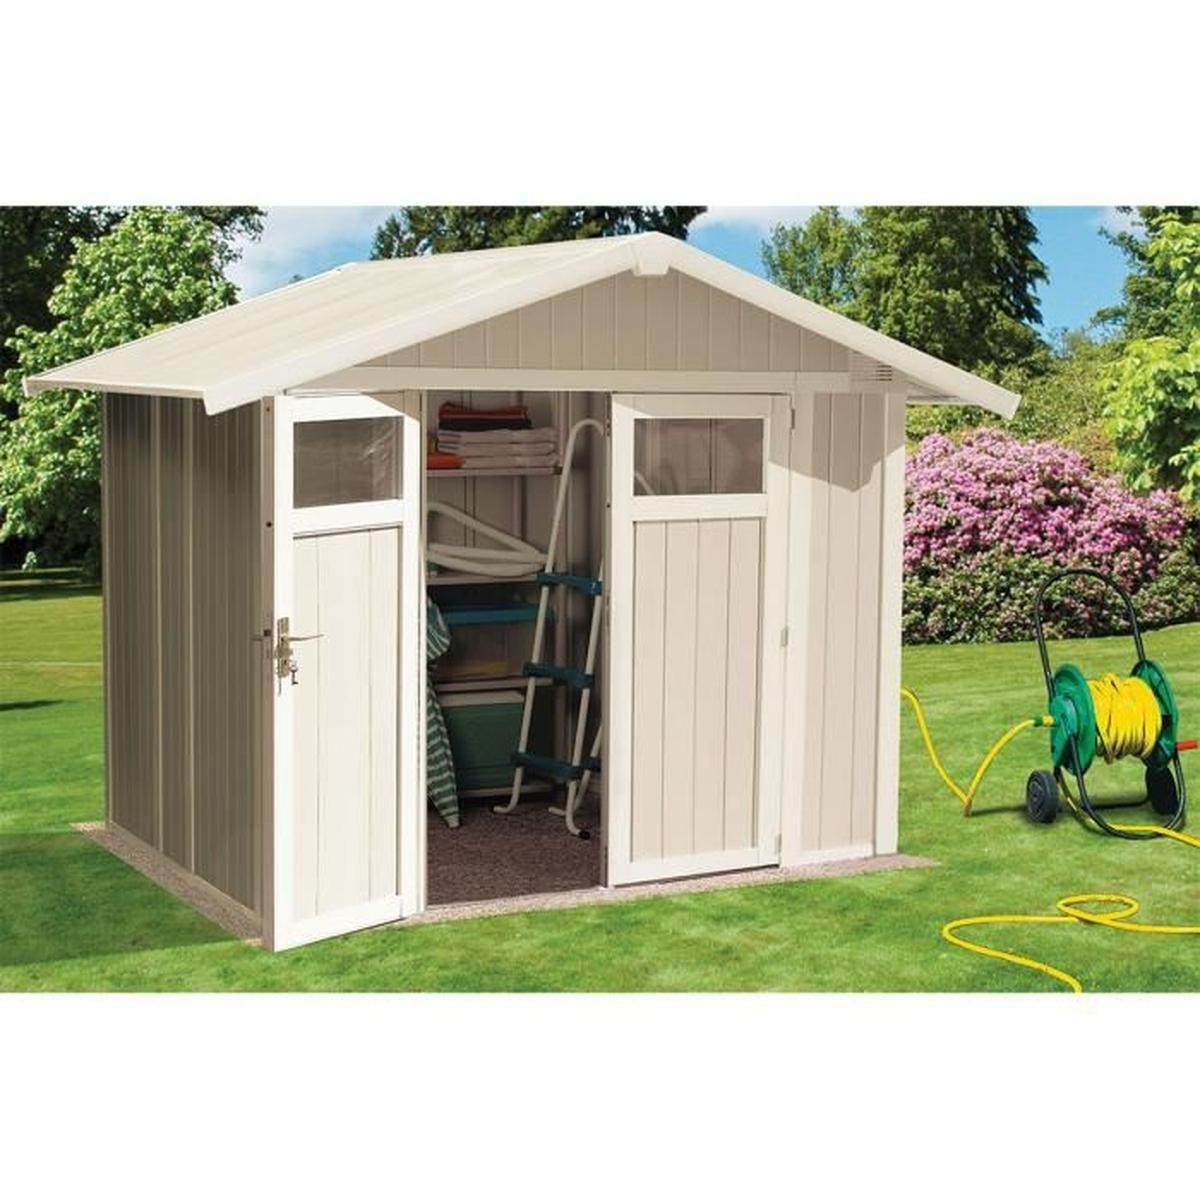 Abri De Jardin Utility 4,9 Blanc/gris Vert - 4.9 M² + Kit D ... tout Abri De Jardin Cdiscount